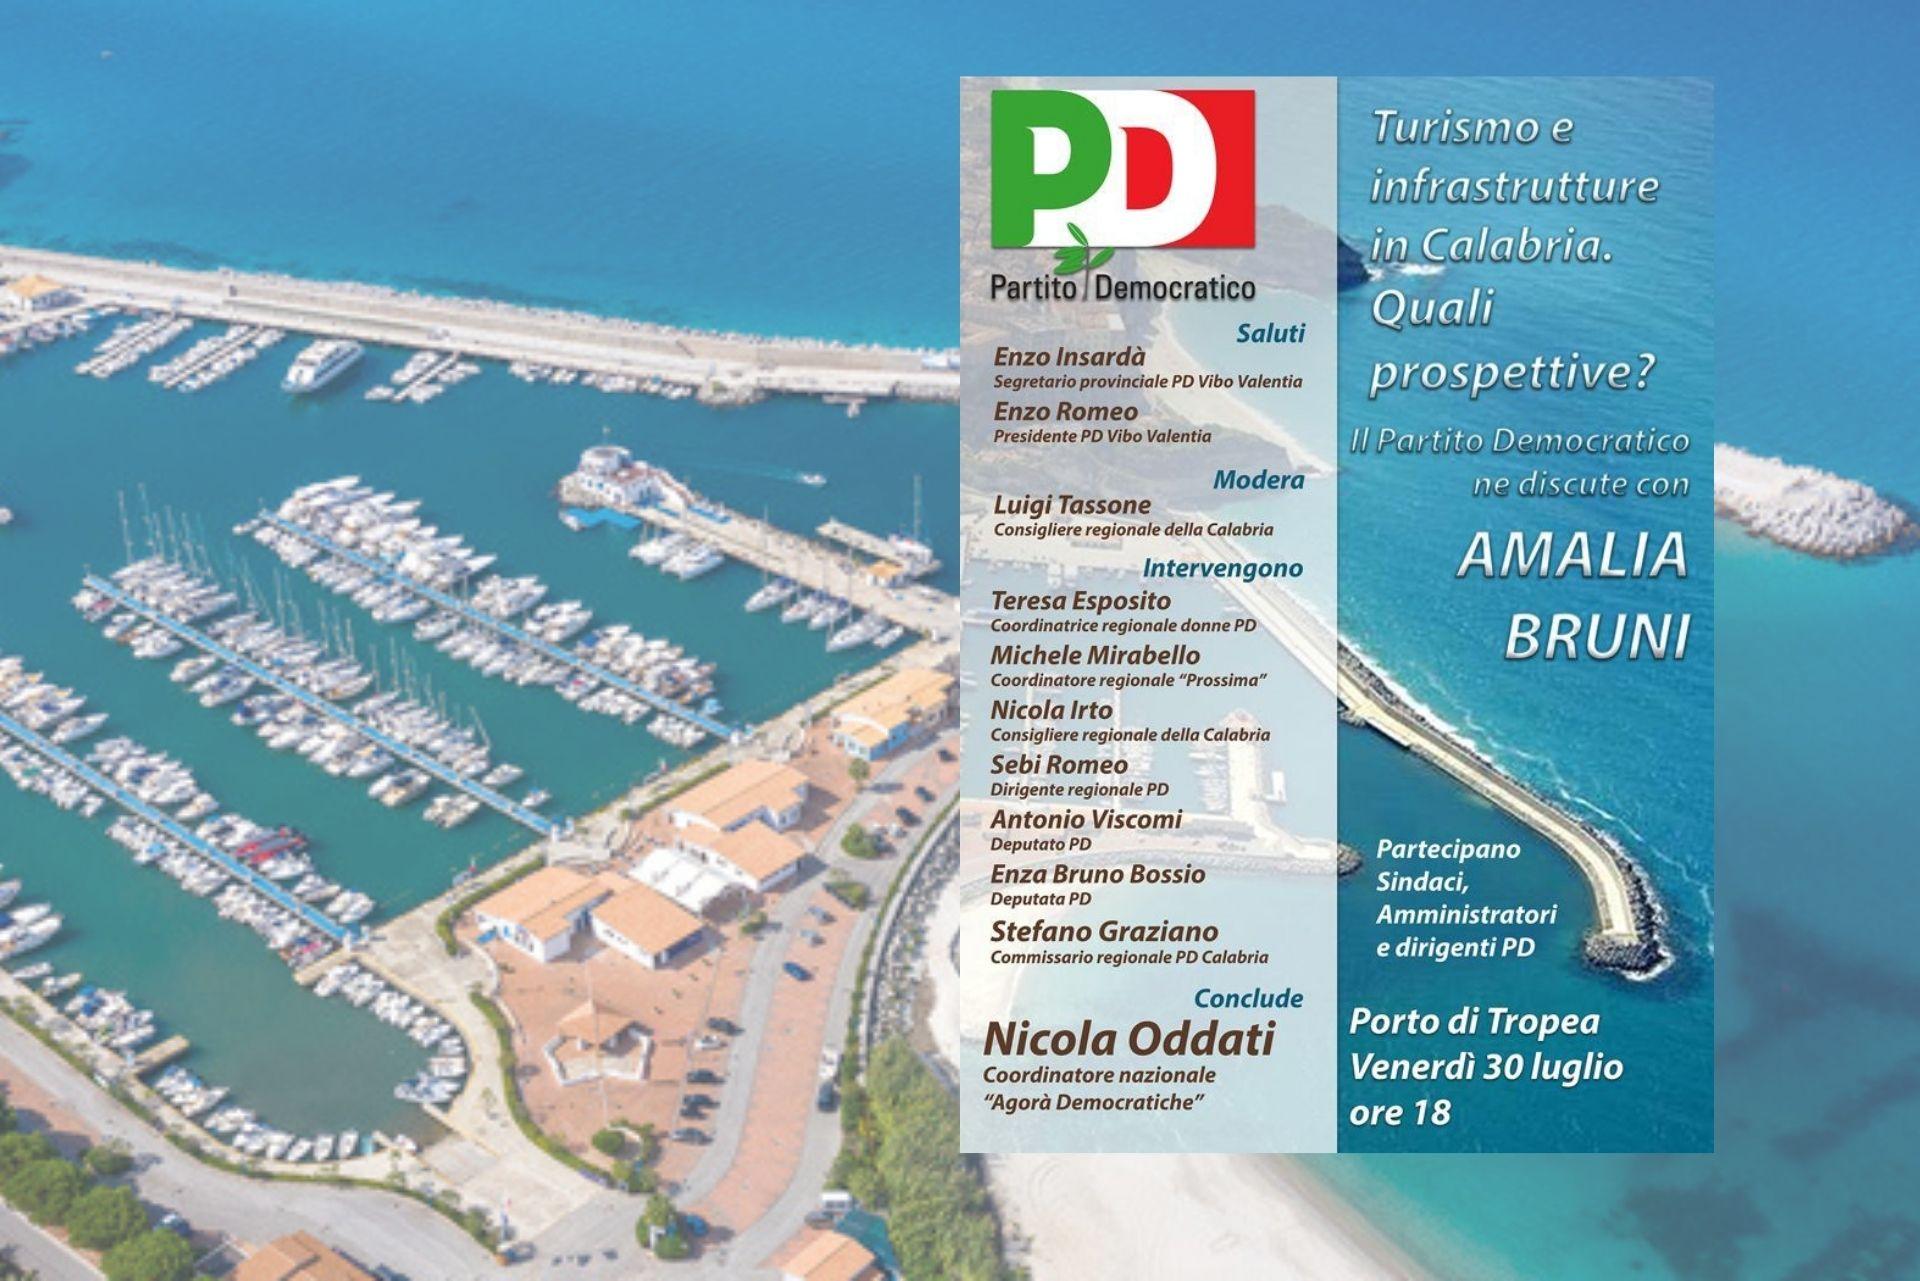 """""""Turismo e infrastrutture in Calabria"""": il Pd lancia da Tropea la sua proposta di sviluppo"""